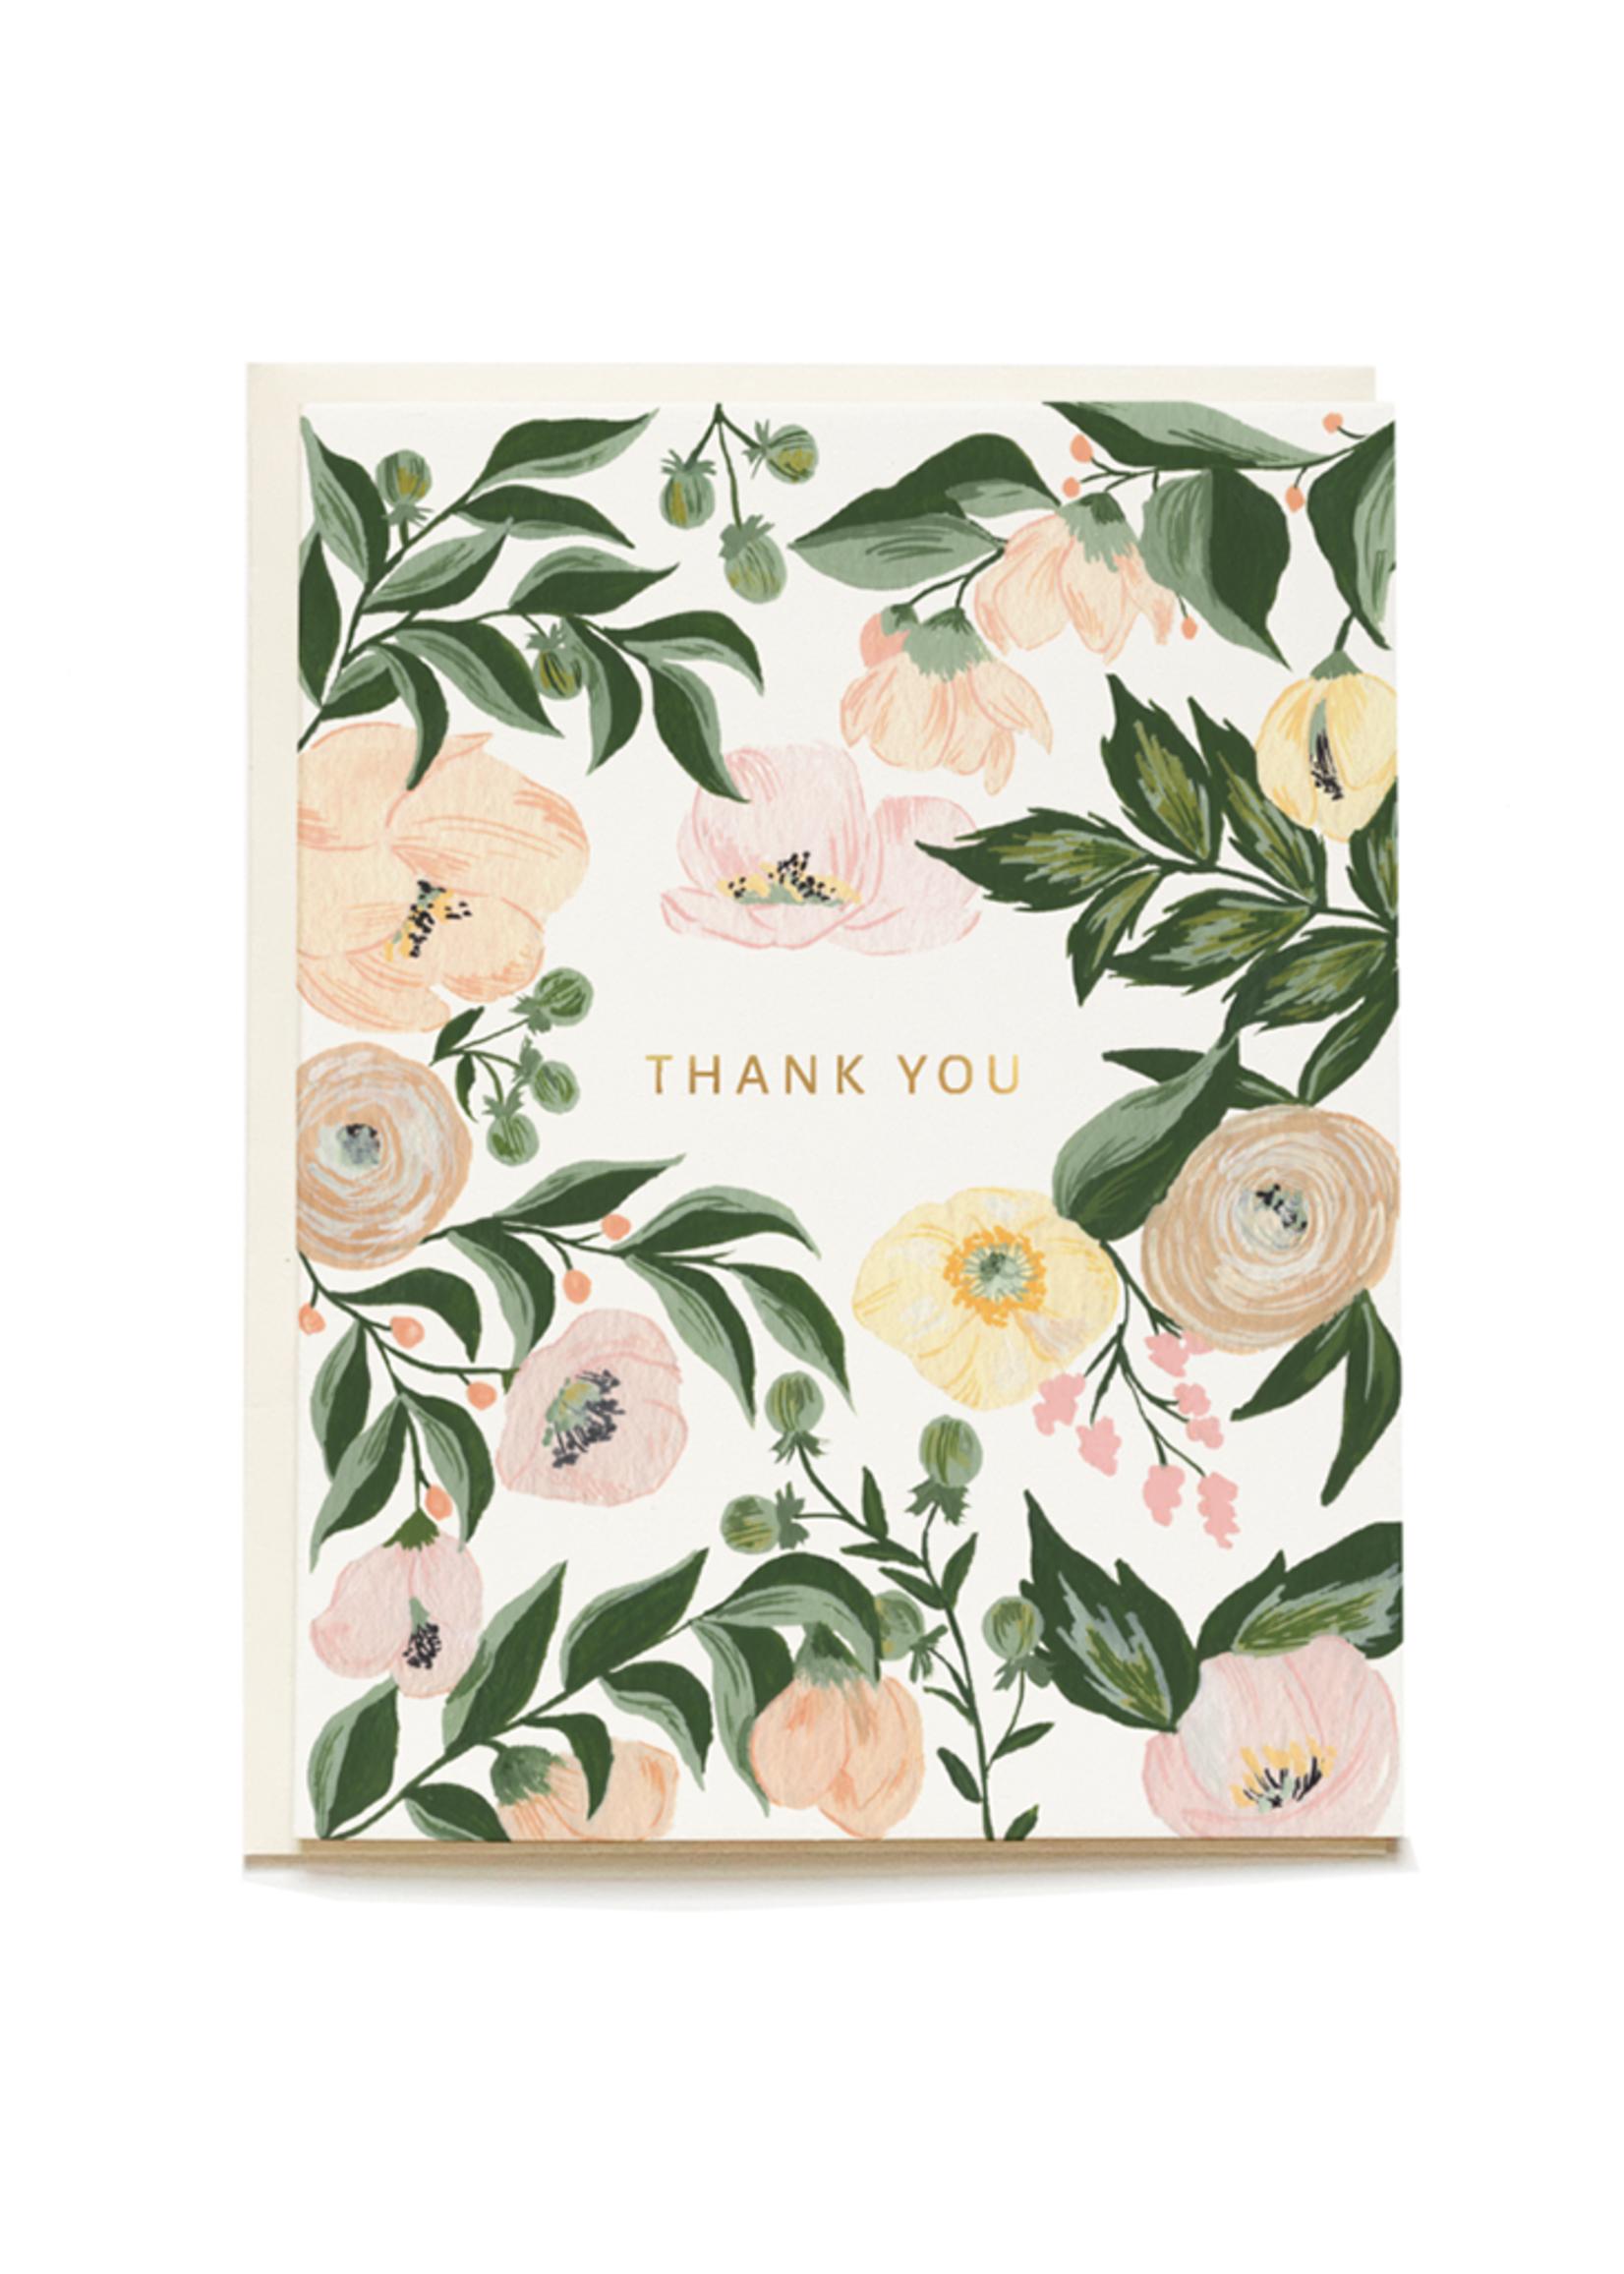 Juliette Thank You Card